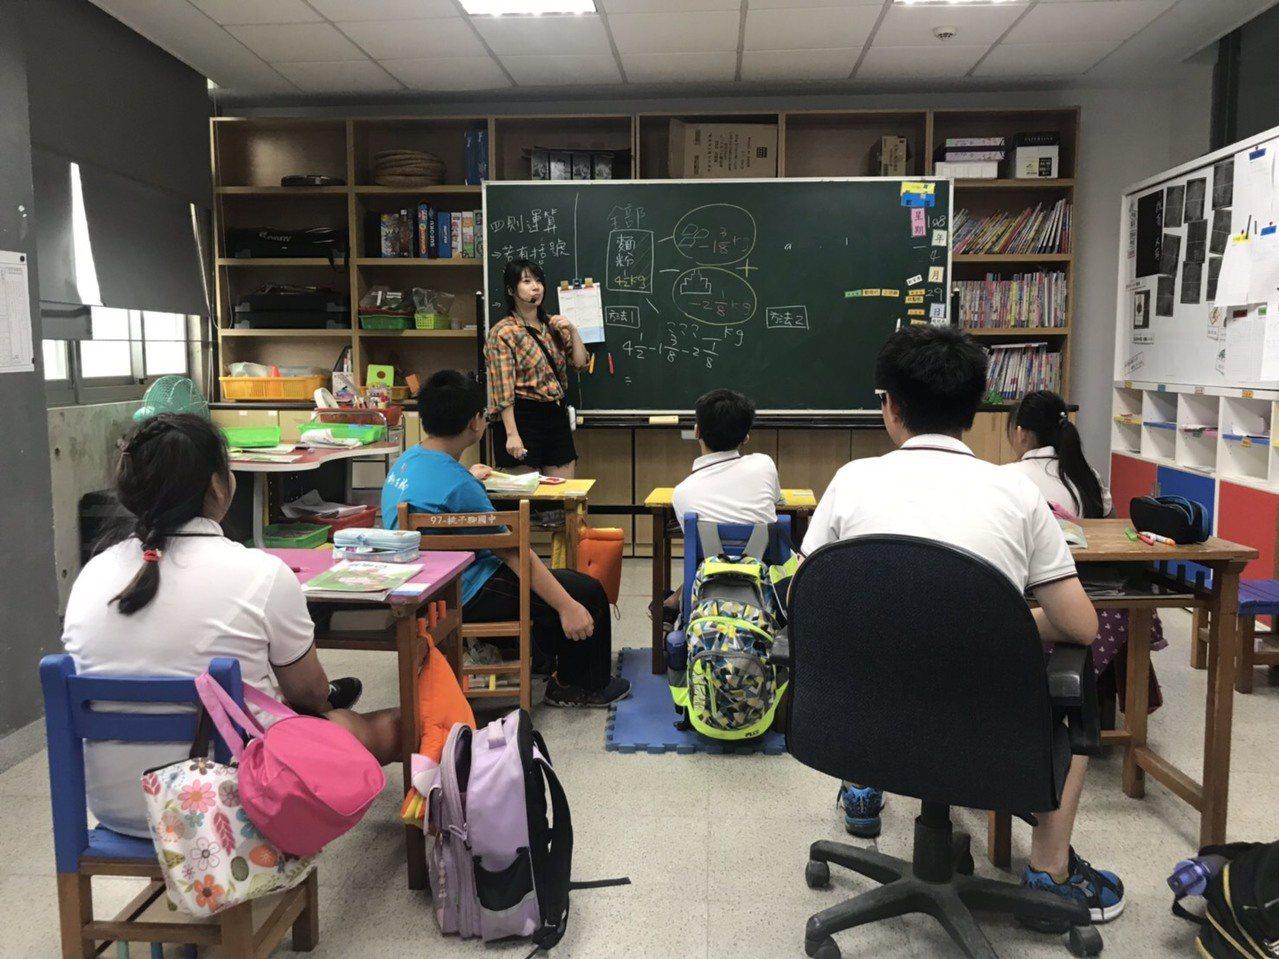 新北市立桃子腳國中小資源班教師徐筱清。圖/新北市教育局提供